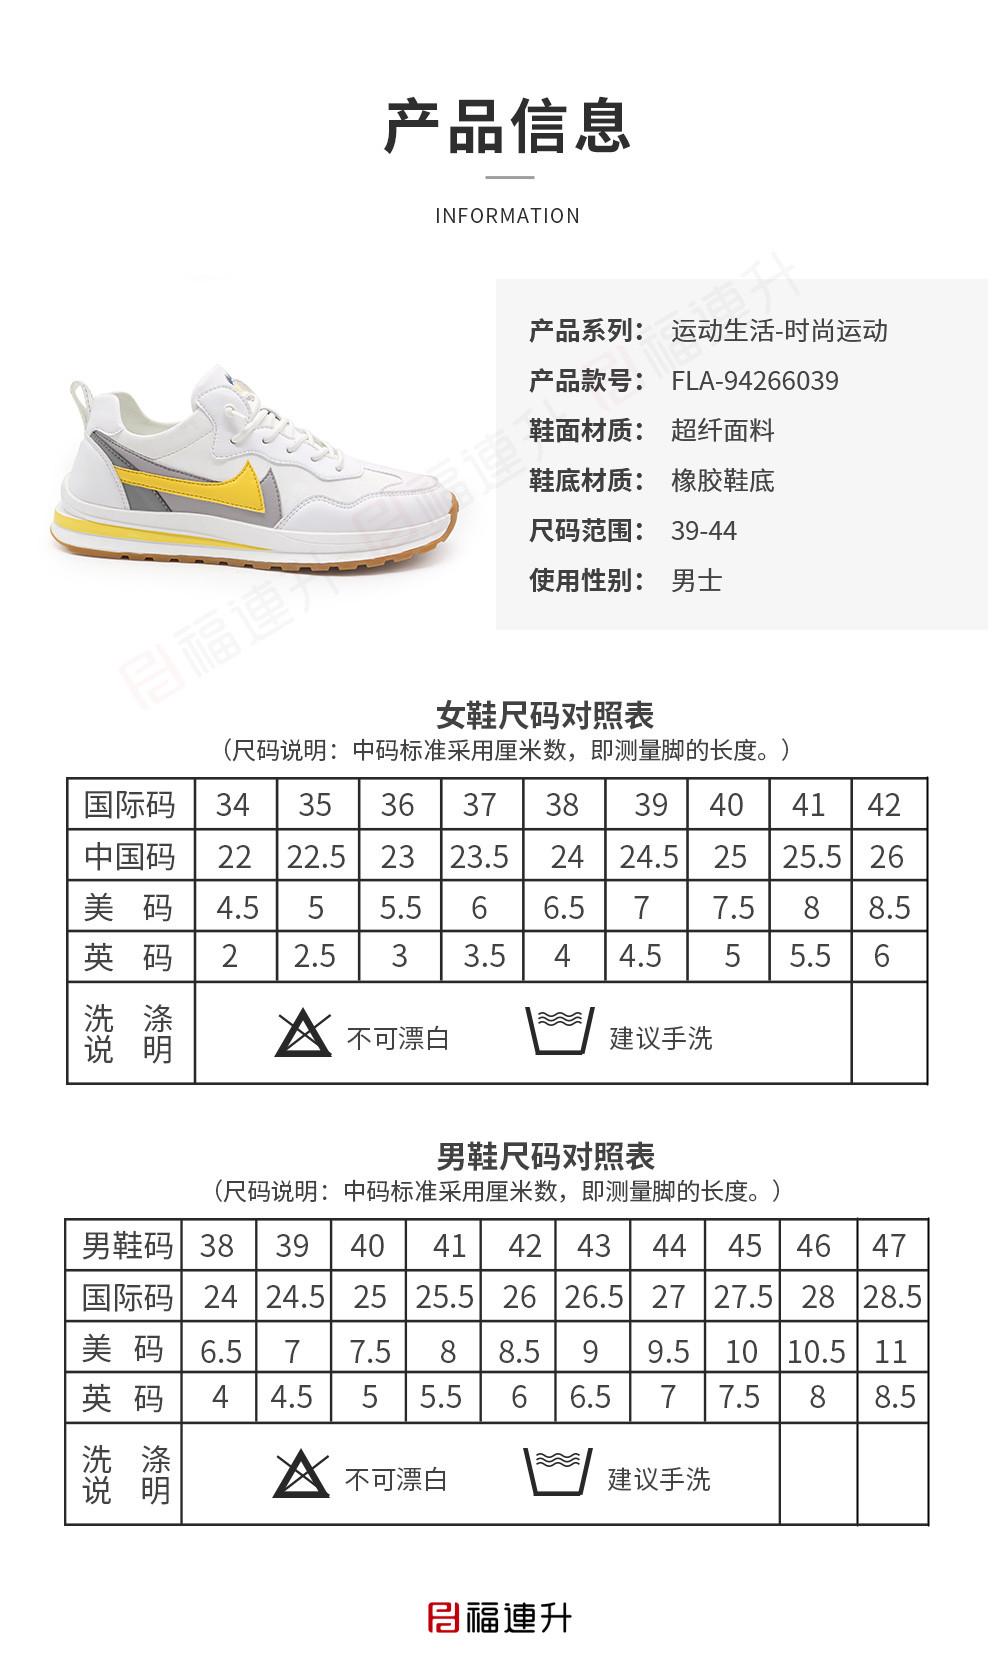 福连升休闲鞋2021秋季新款阿甘鞋休闲运动网红复古男鞋图片